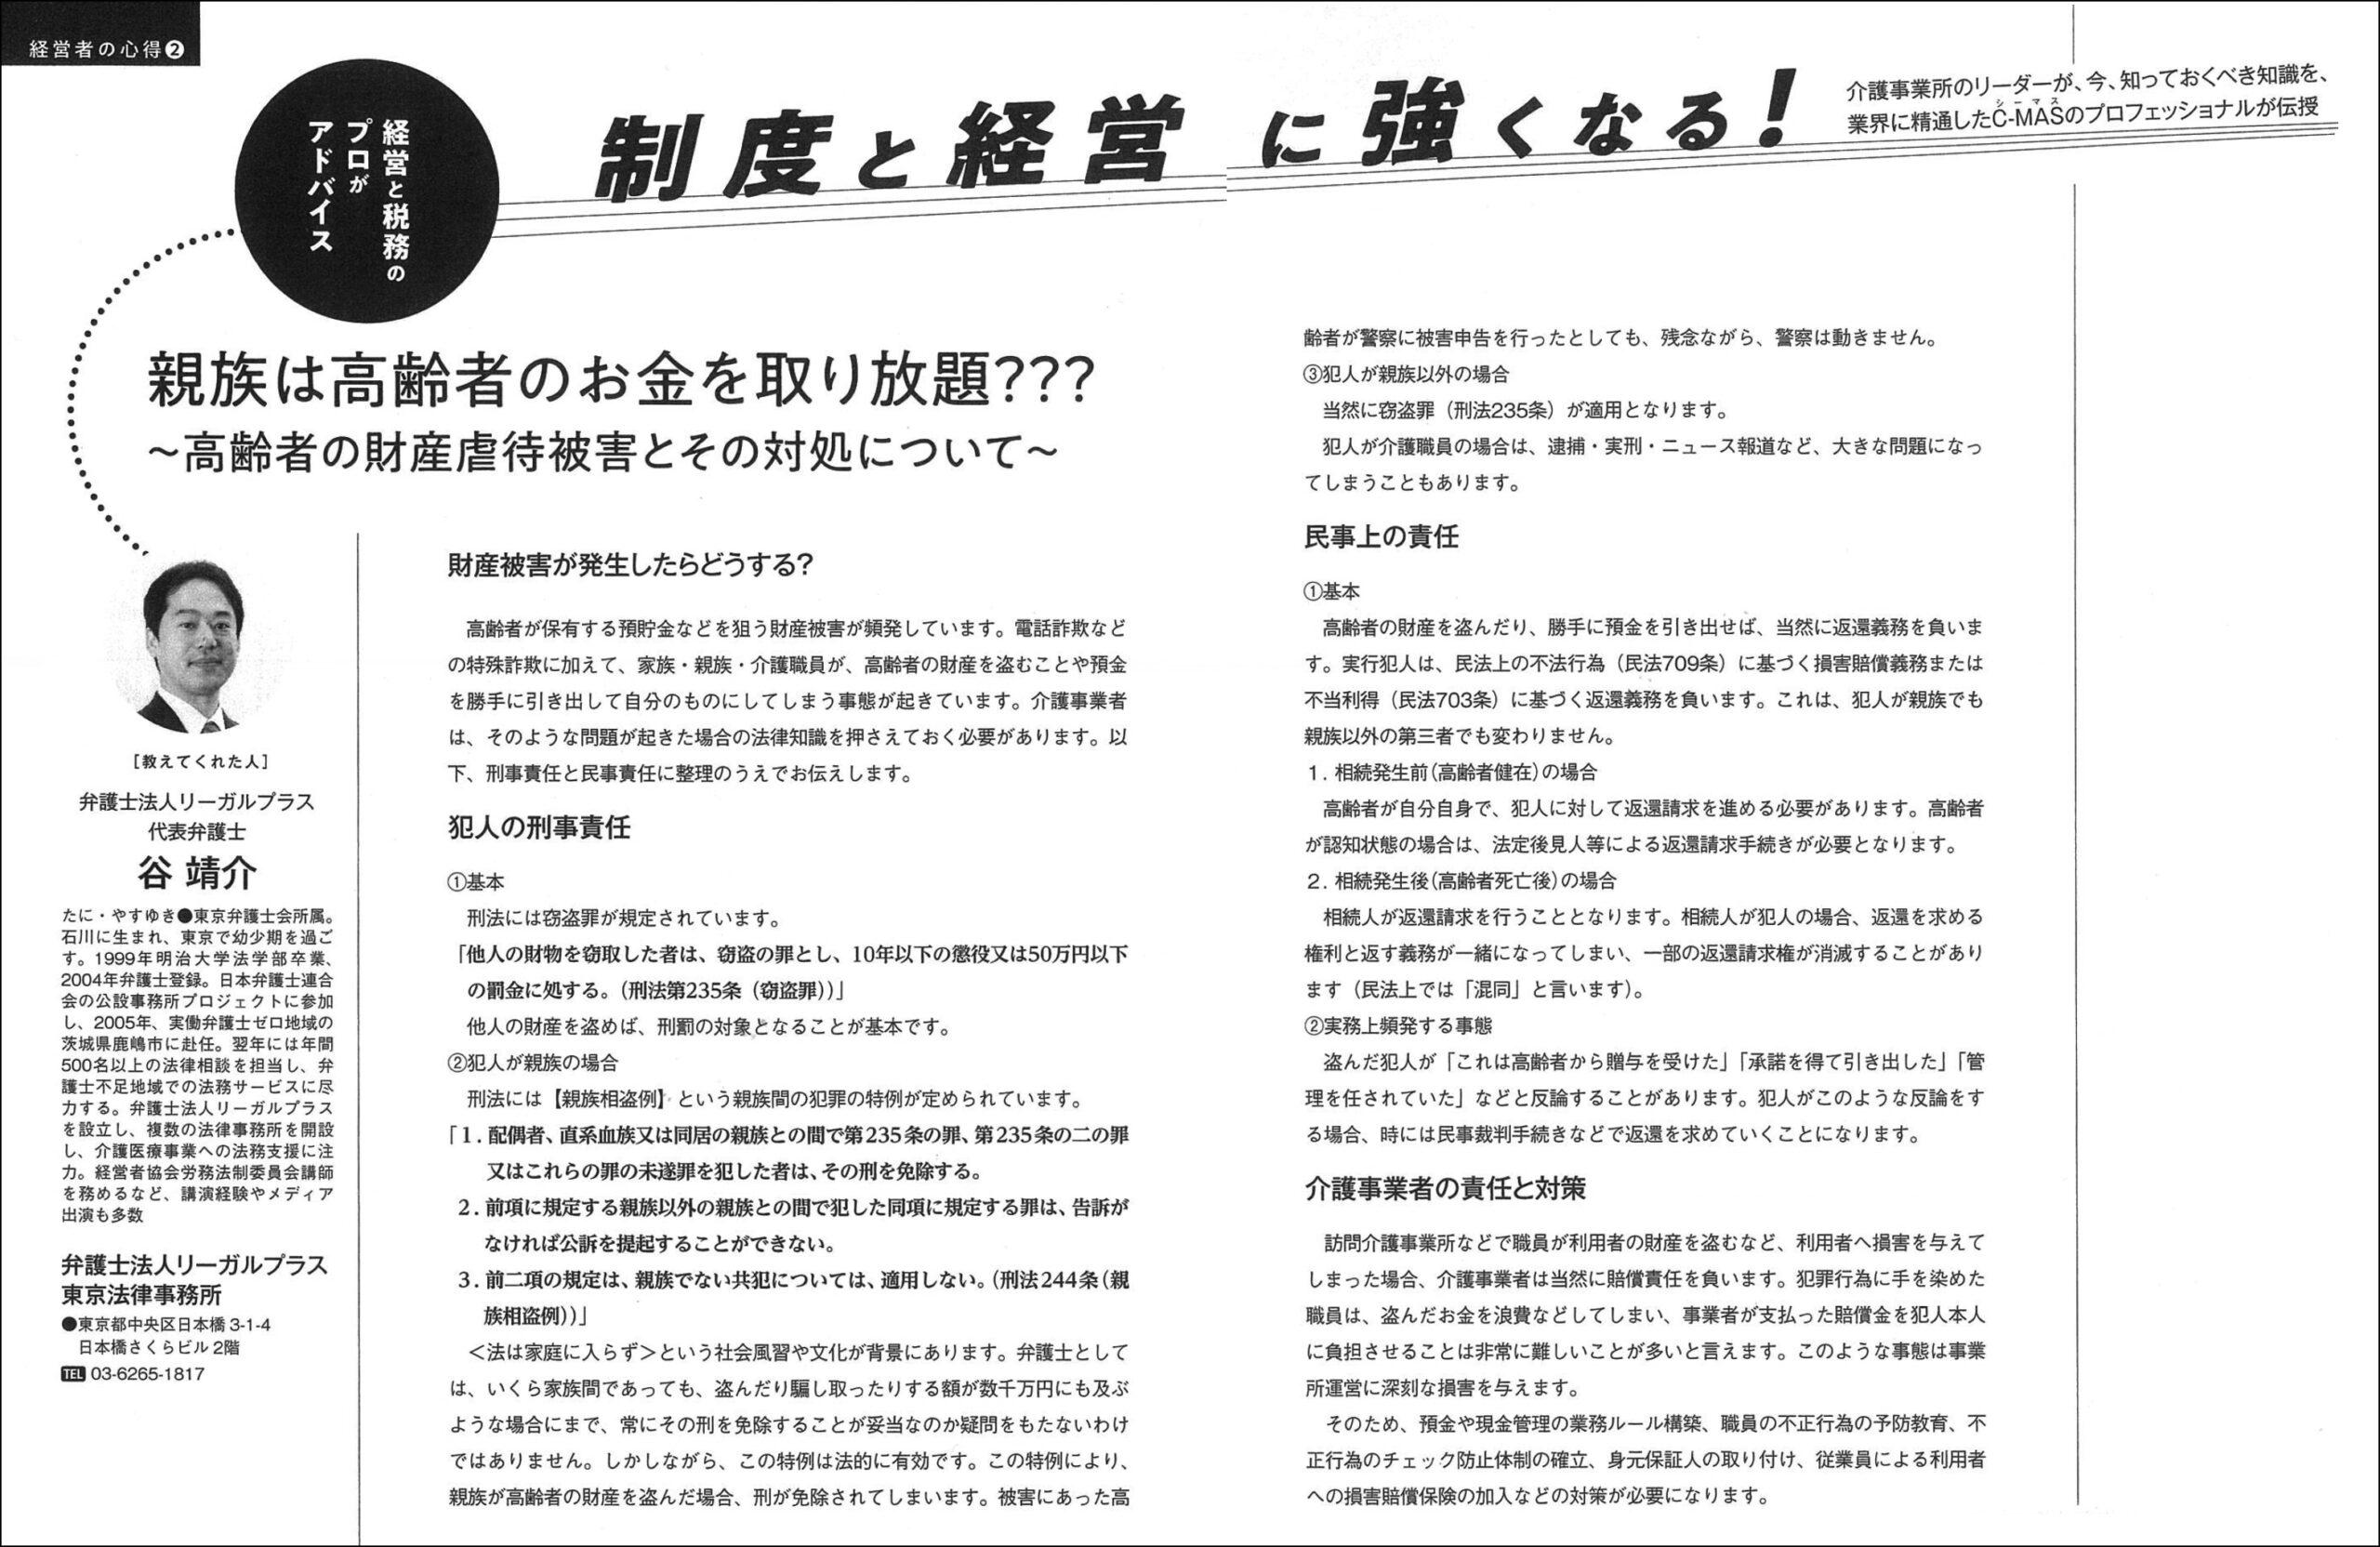 介護ビジョン7月号の谷弁護士が担当したコラムページ